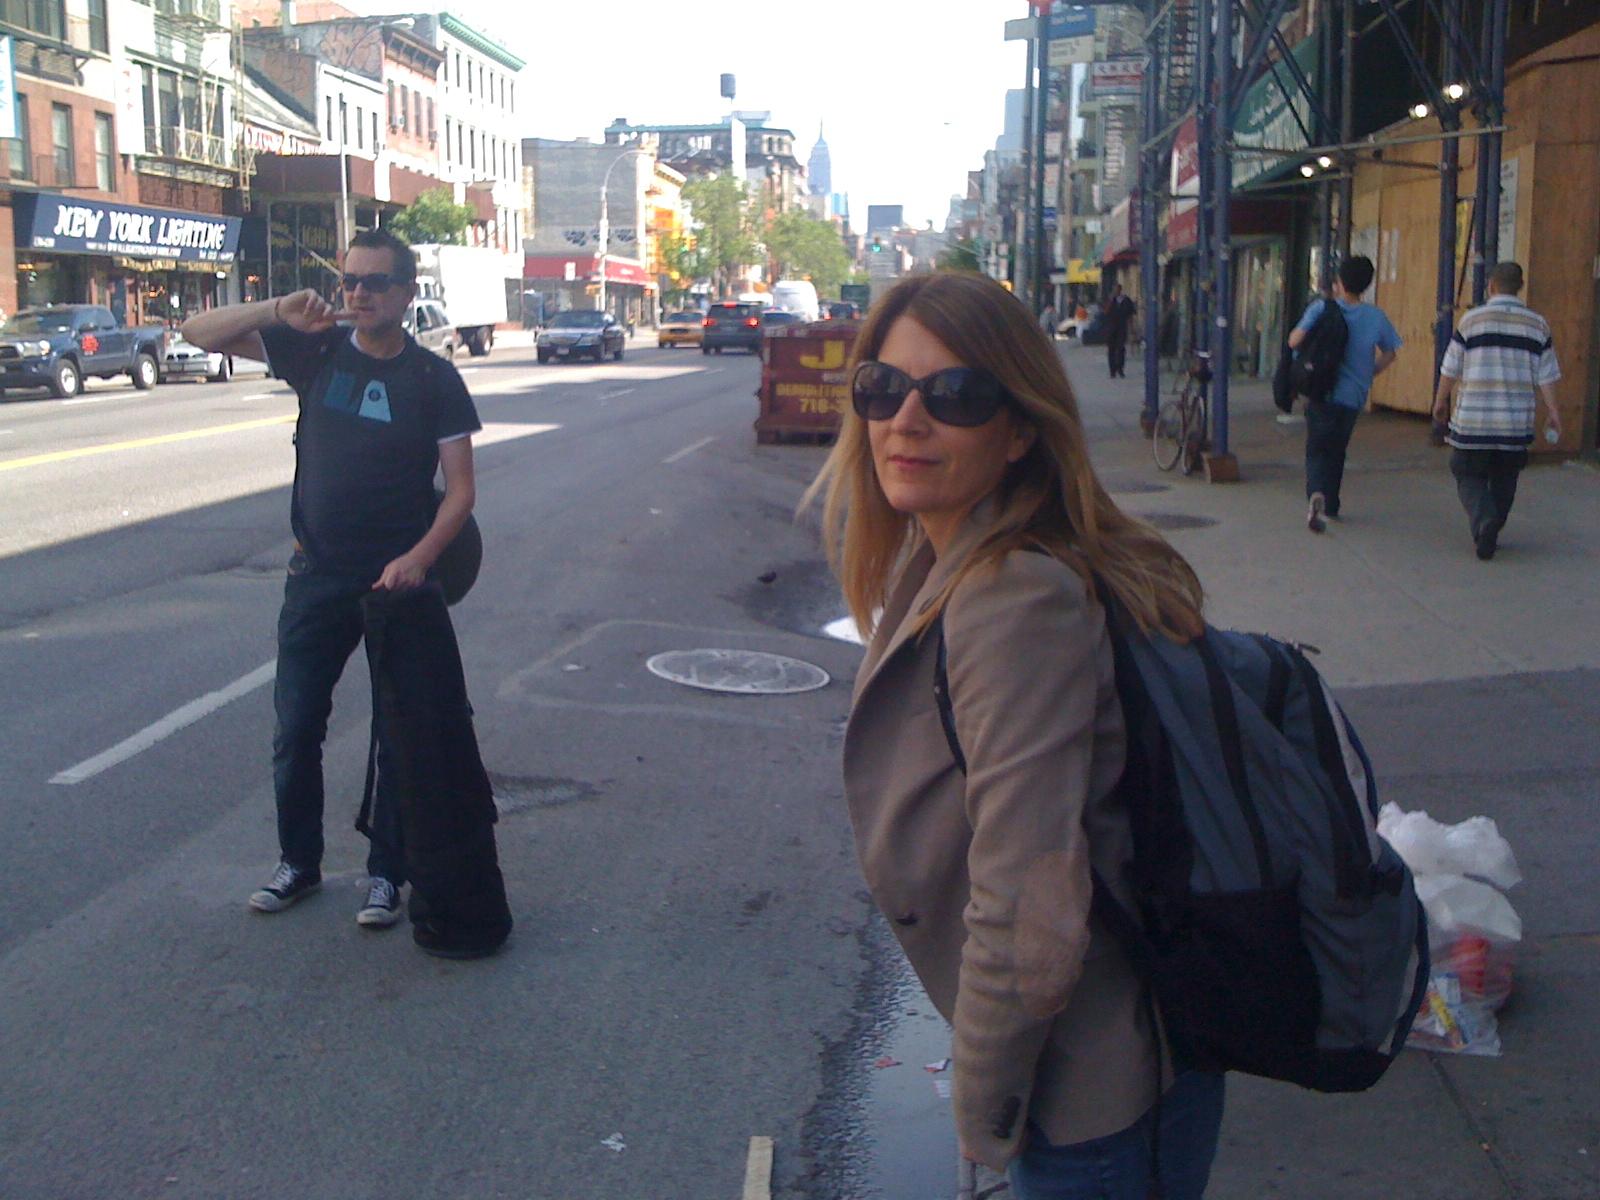 NY, May 2012